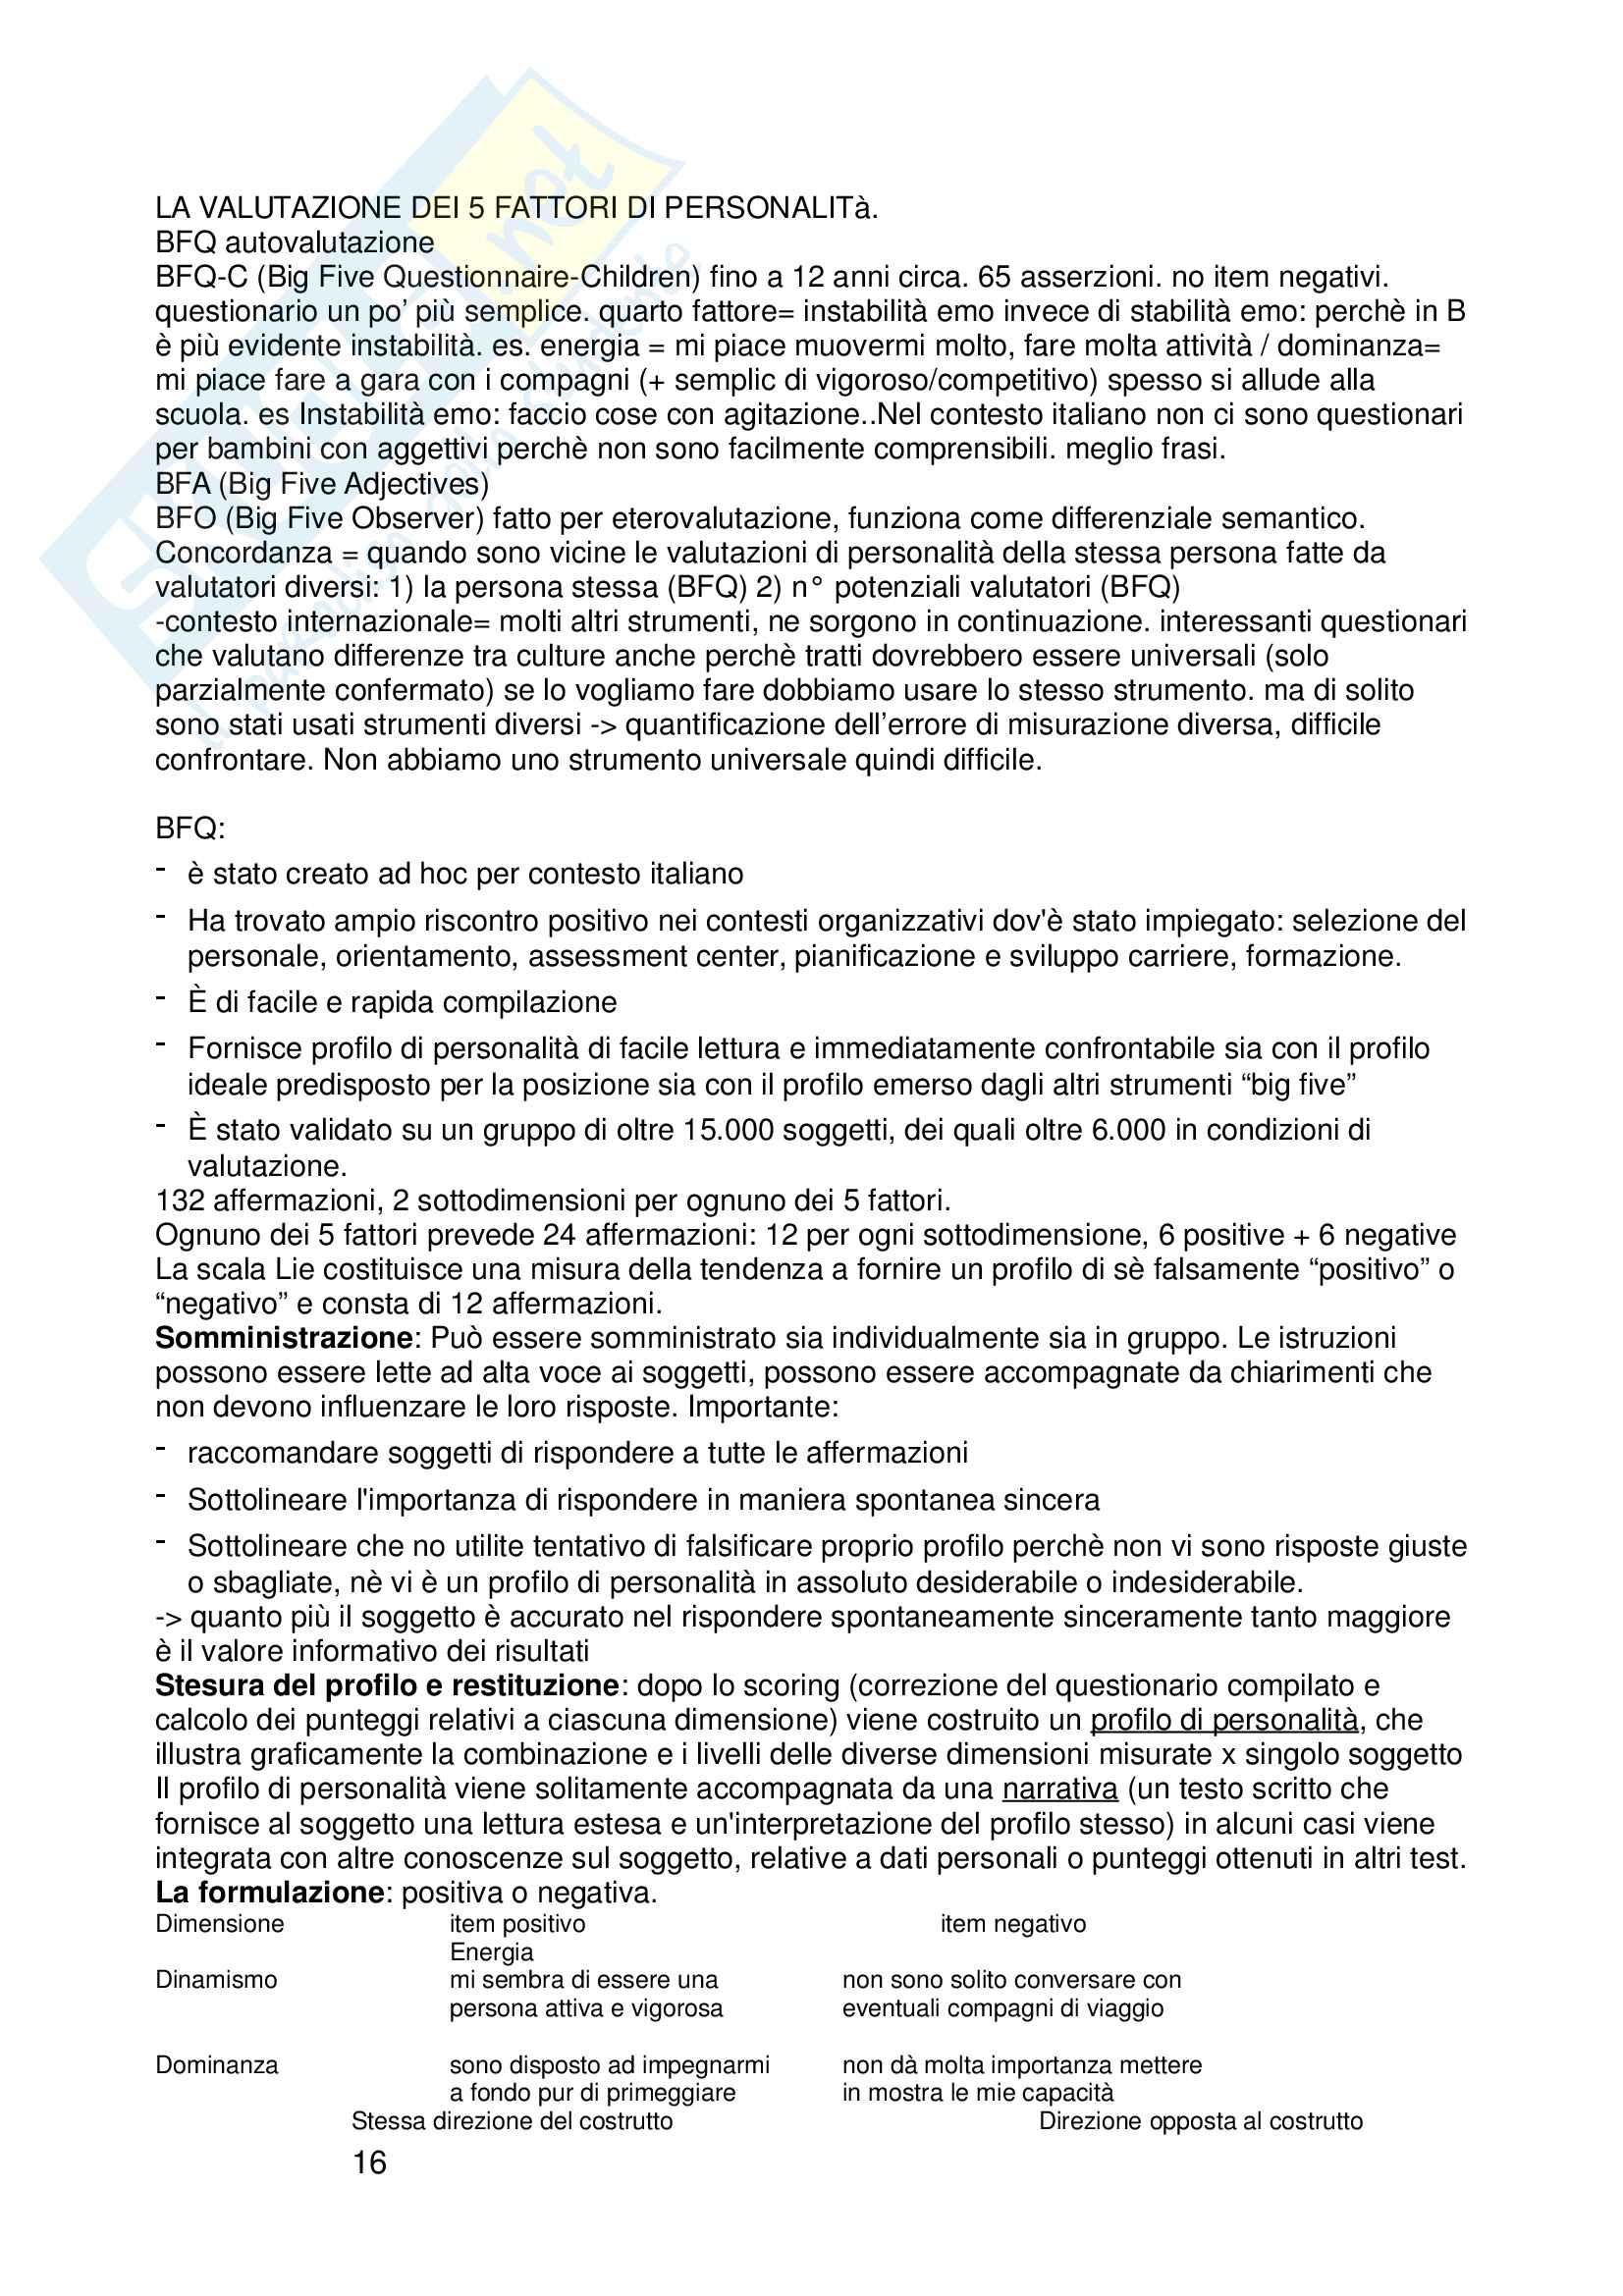 Motivazione Emozione e Personalità (MEP) Pag. 16